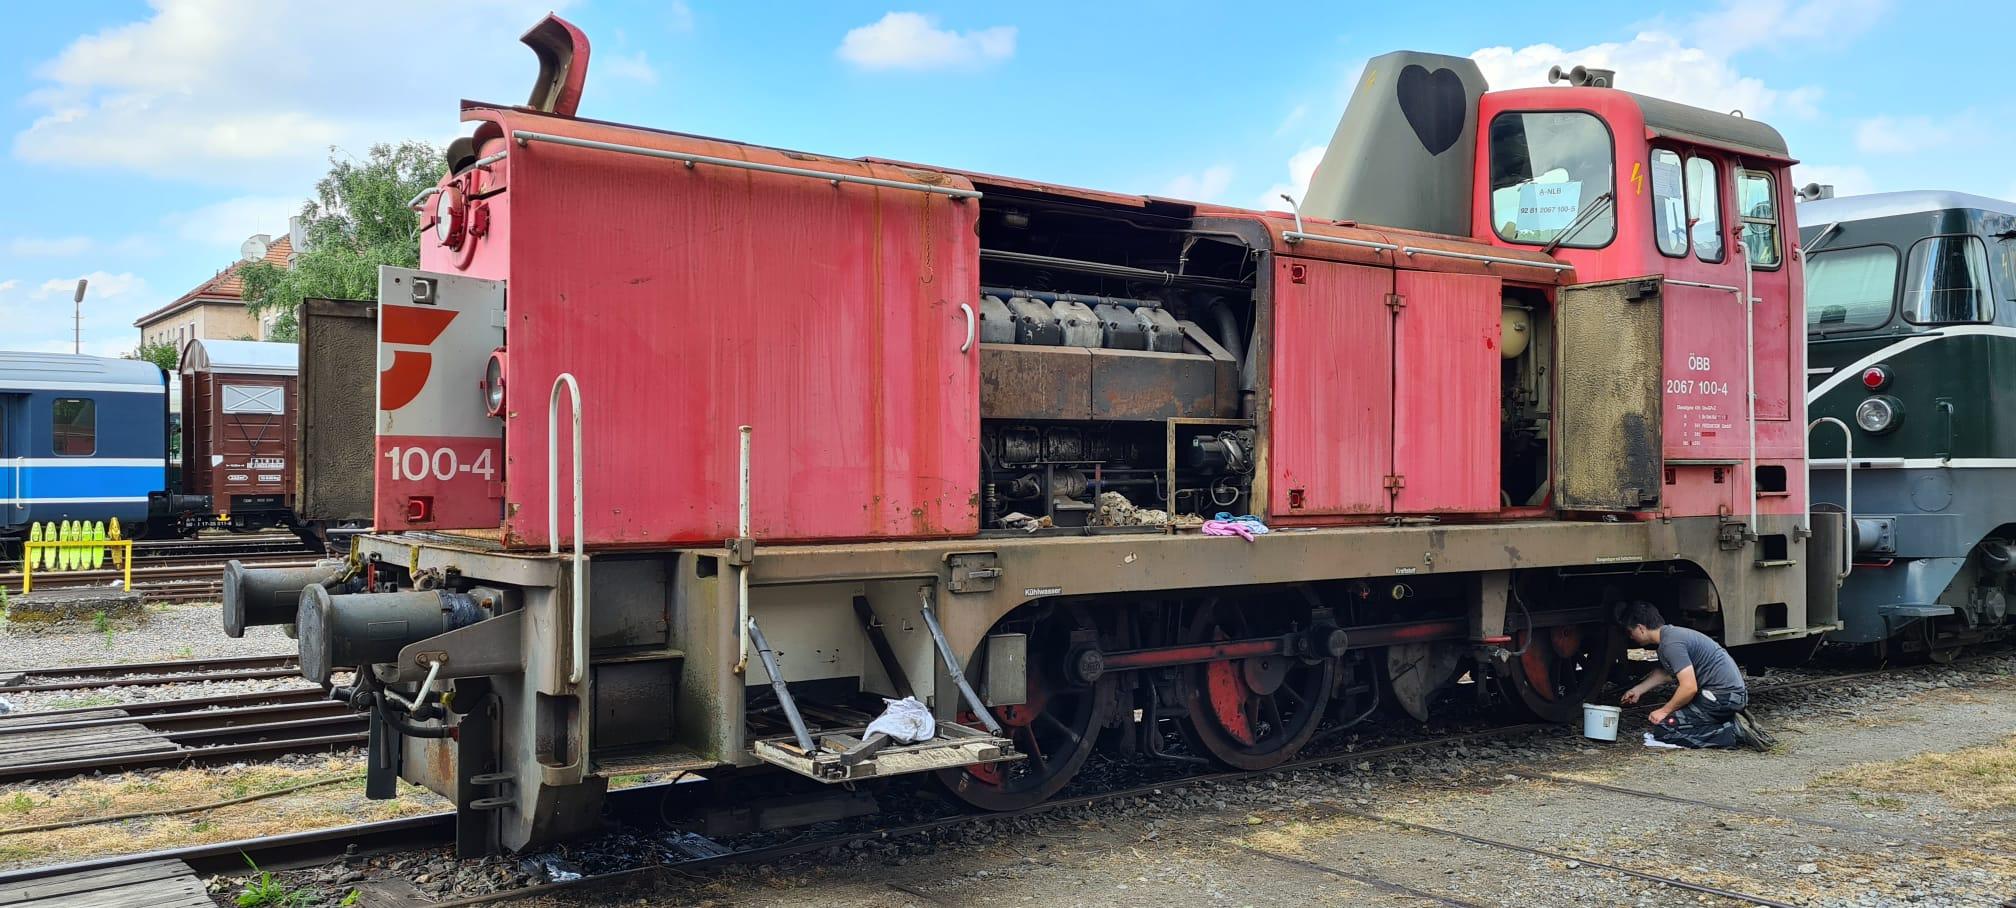 Inbetriebnahme der Lok in Mistelbach